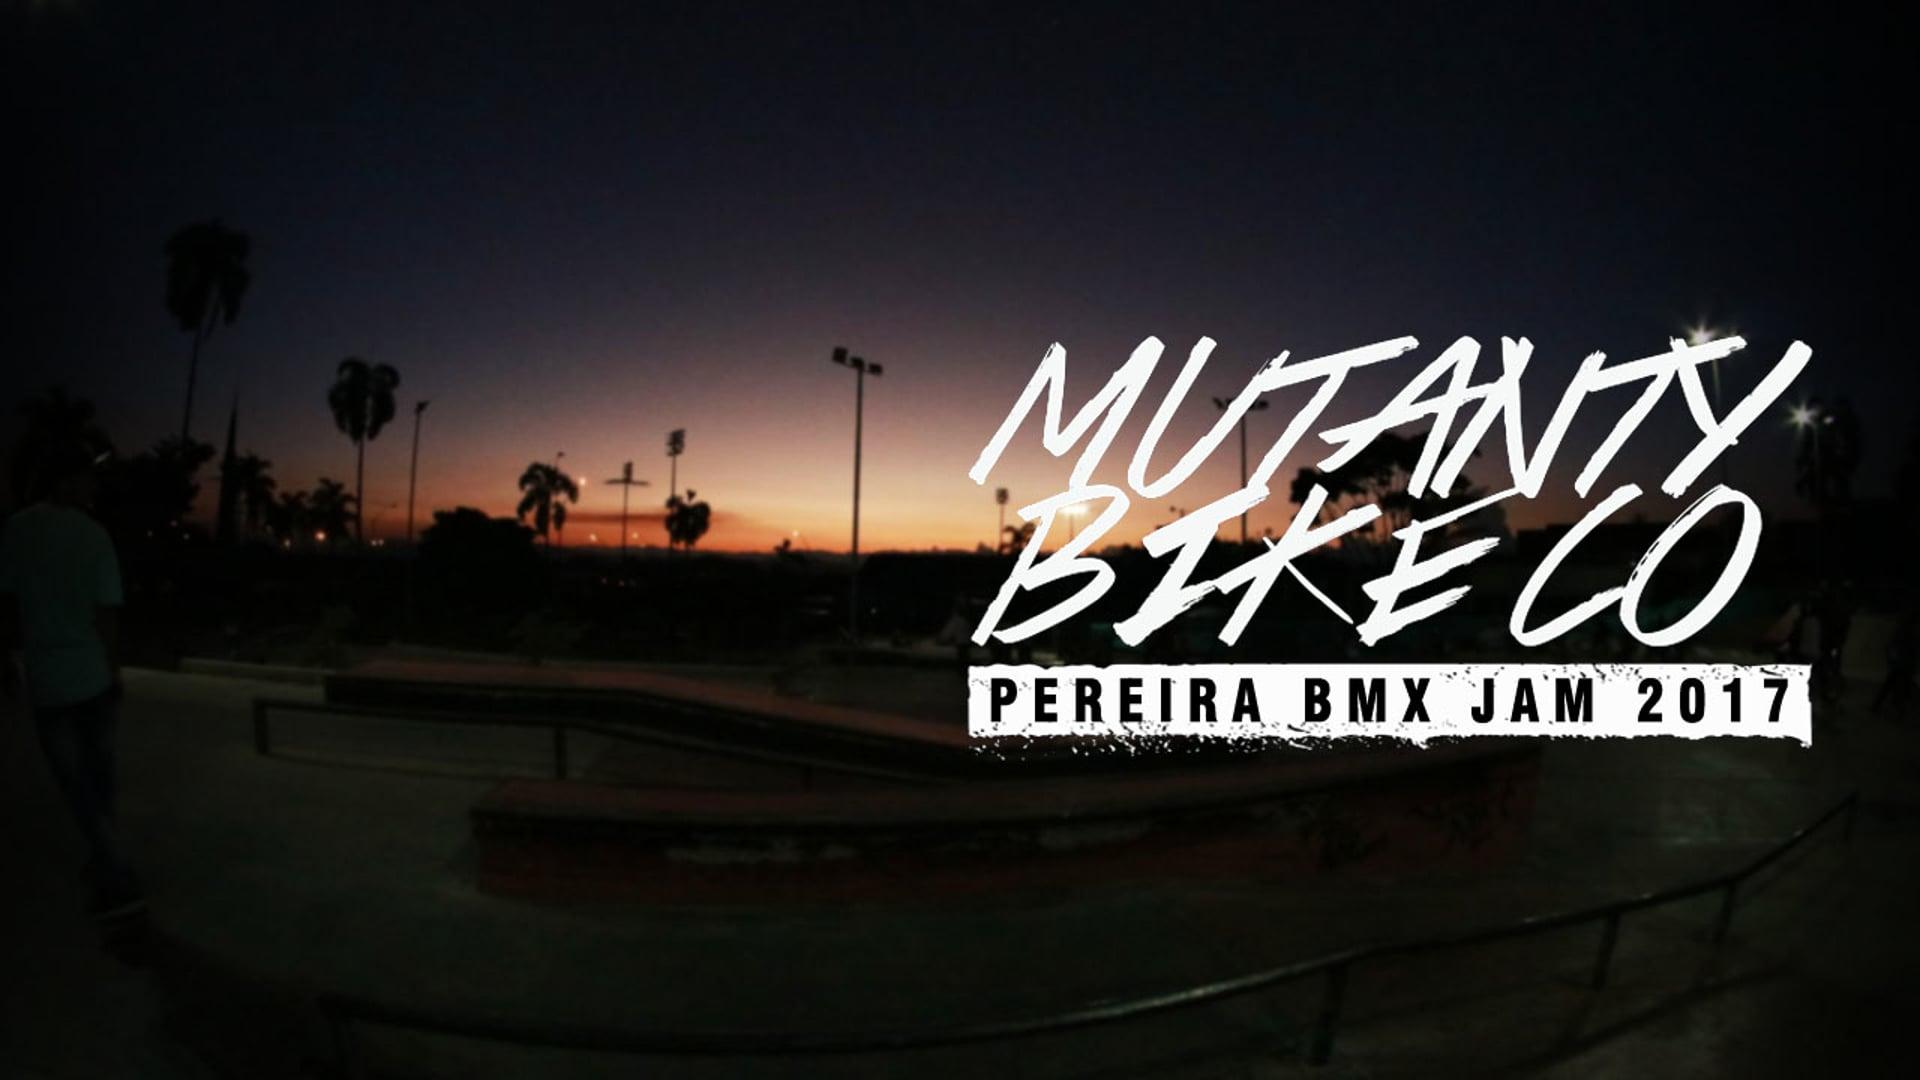 PEREIRA BMX JAM 2017